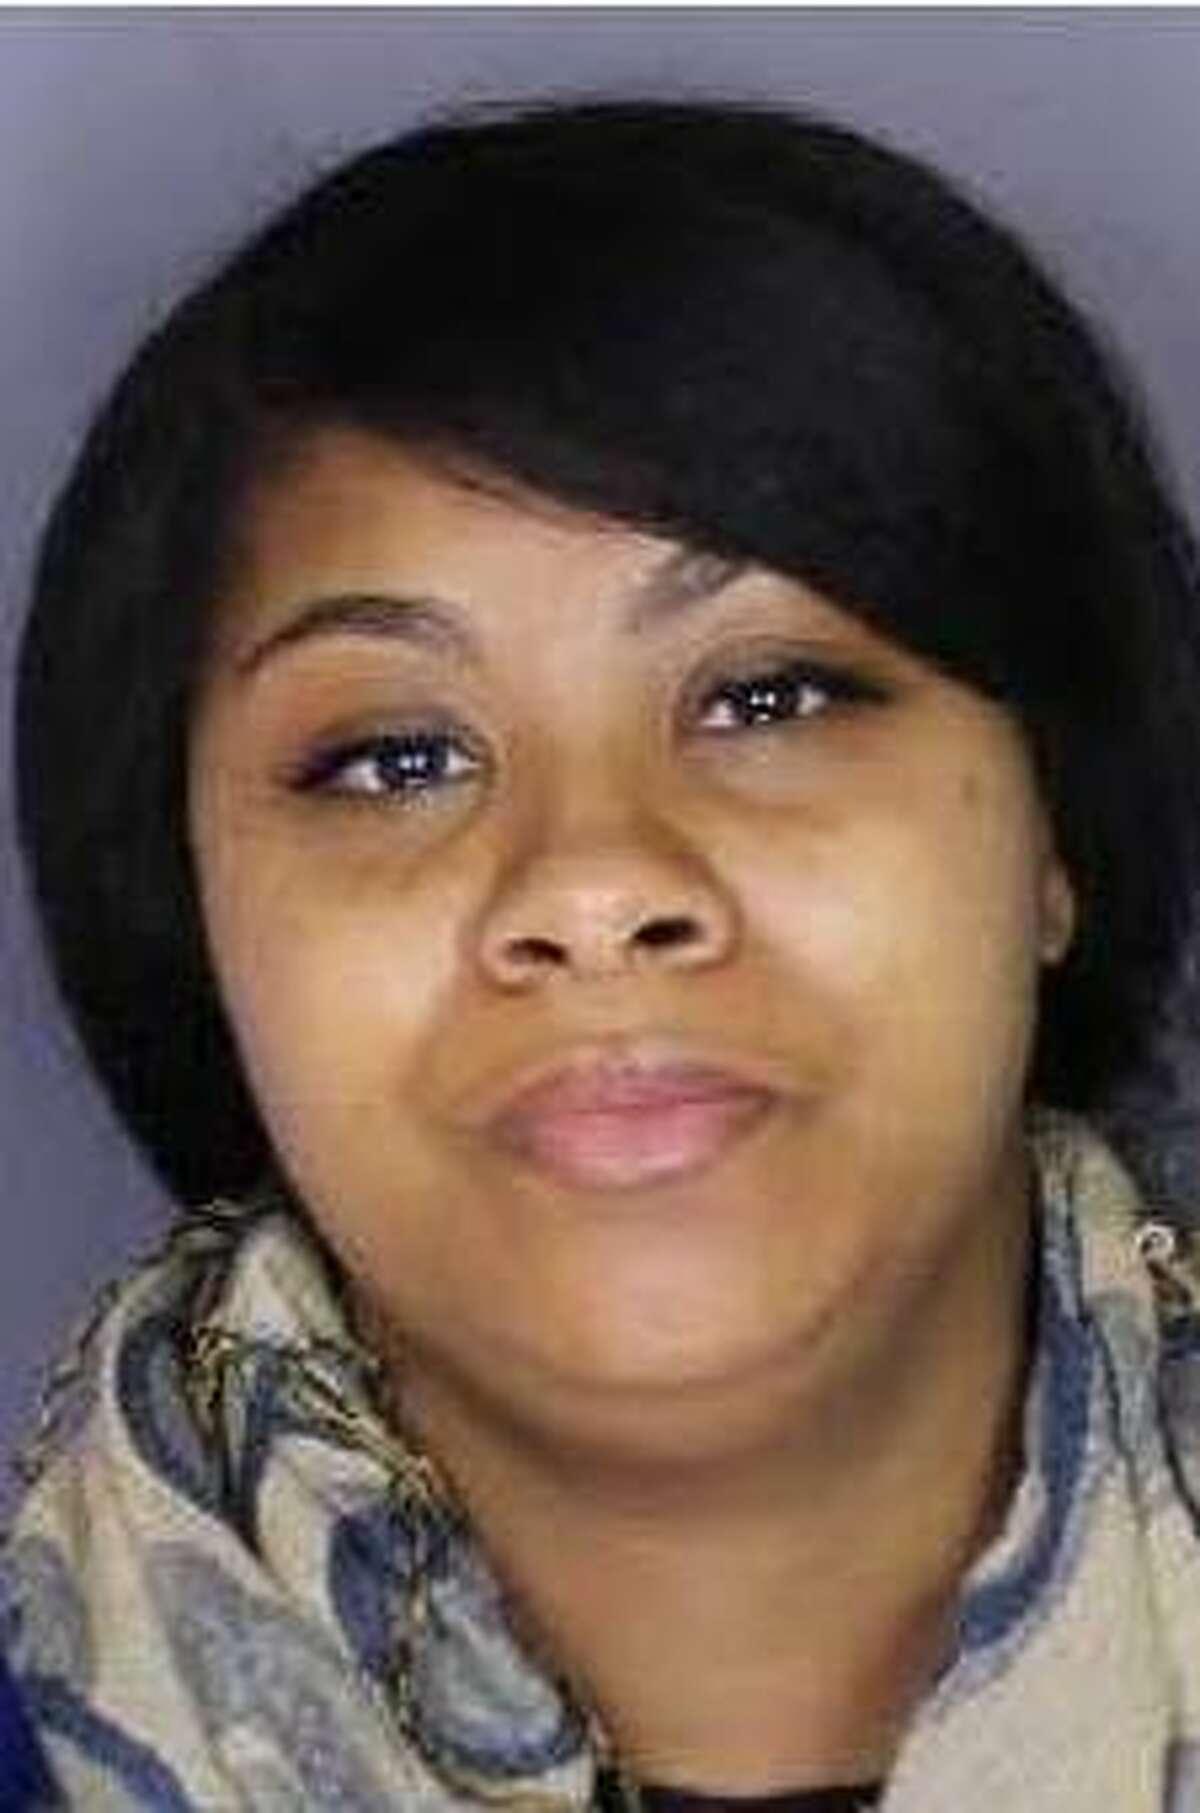 Latoya McQueen (Albany County Sheriff's Office)